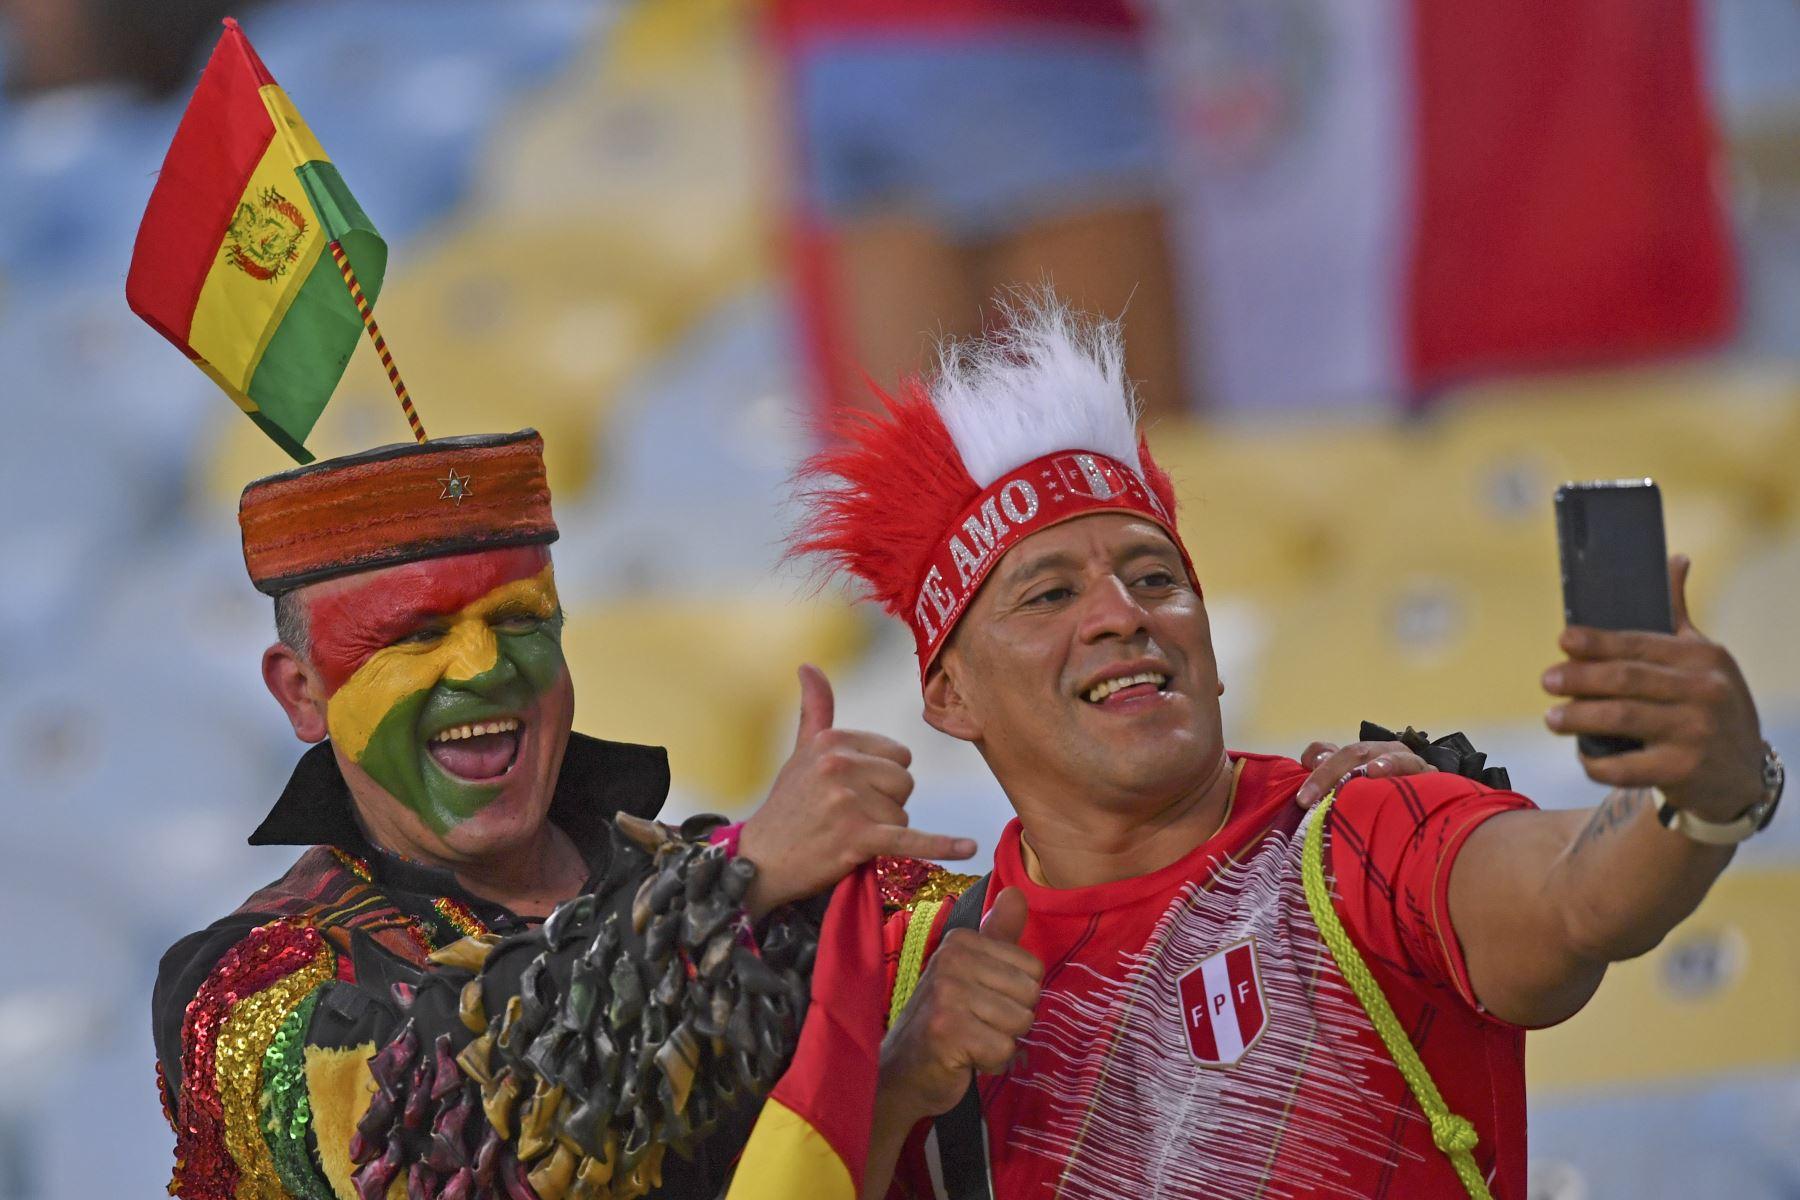 Hinchas de Perú y Bolivia se toman un selfie previo al partido por la Copa América en el estadio Maracaná en Rio de Janeiro, Brasil. Foto: AFP